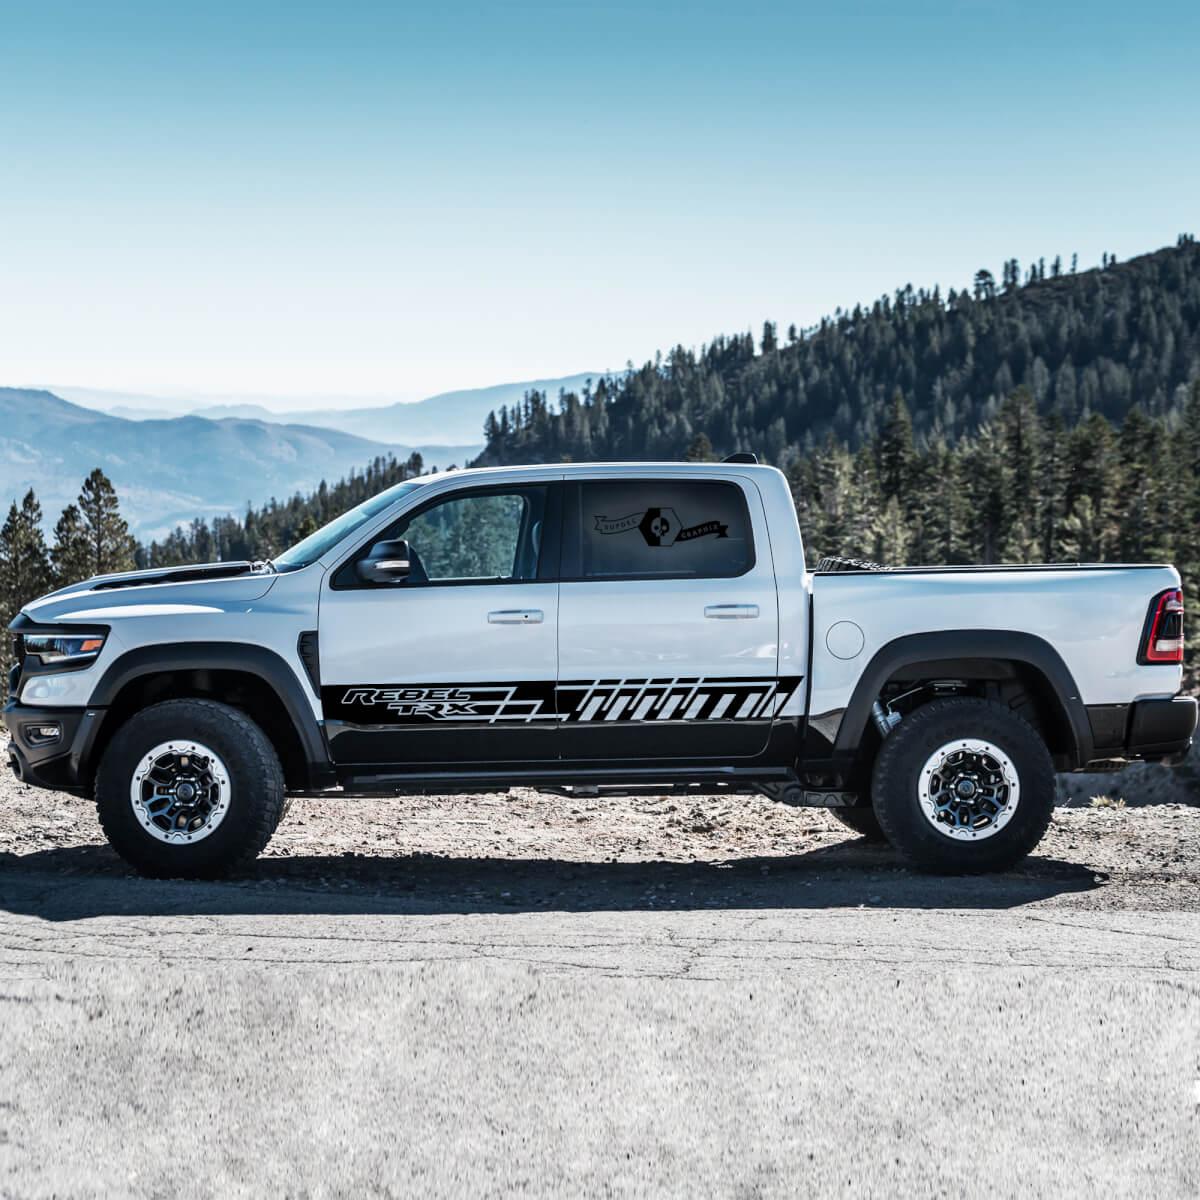 Neue Paar Dodge Rebel TRX 2021 + Türseite Streifen Grunge Truck Vinyl Aufkleber Grafik